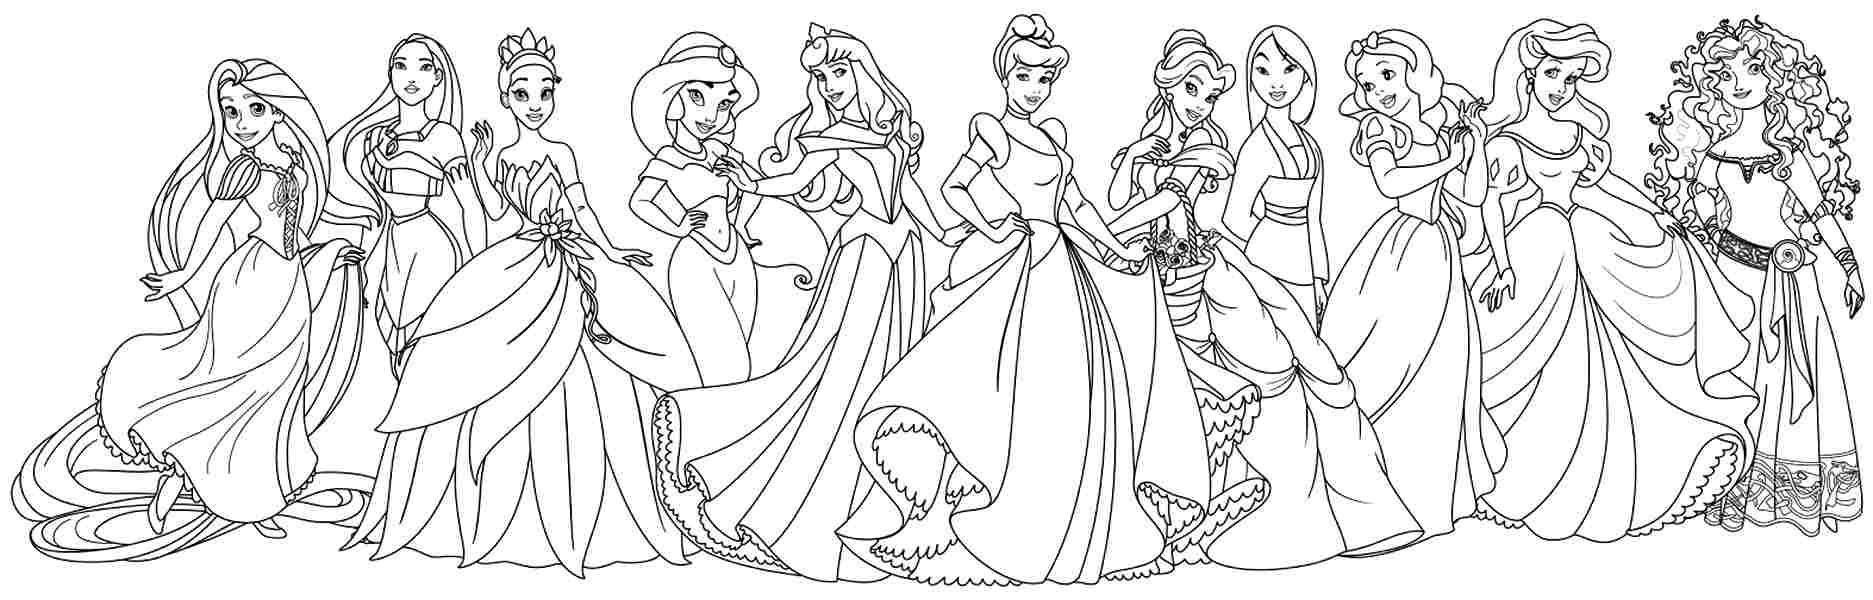 Раскрашивать бесплатно раскраски принцессы